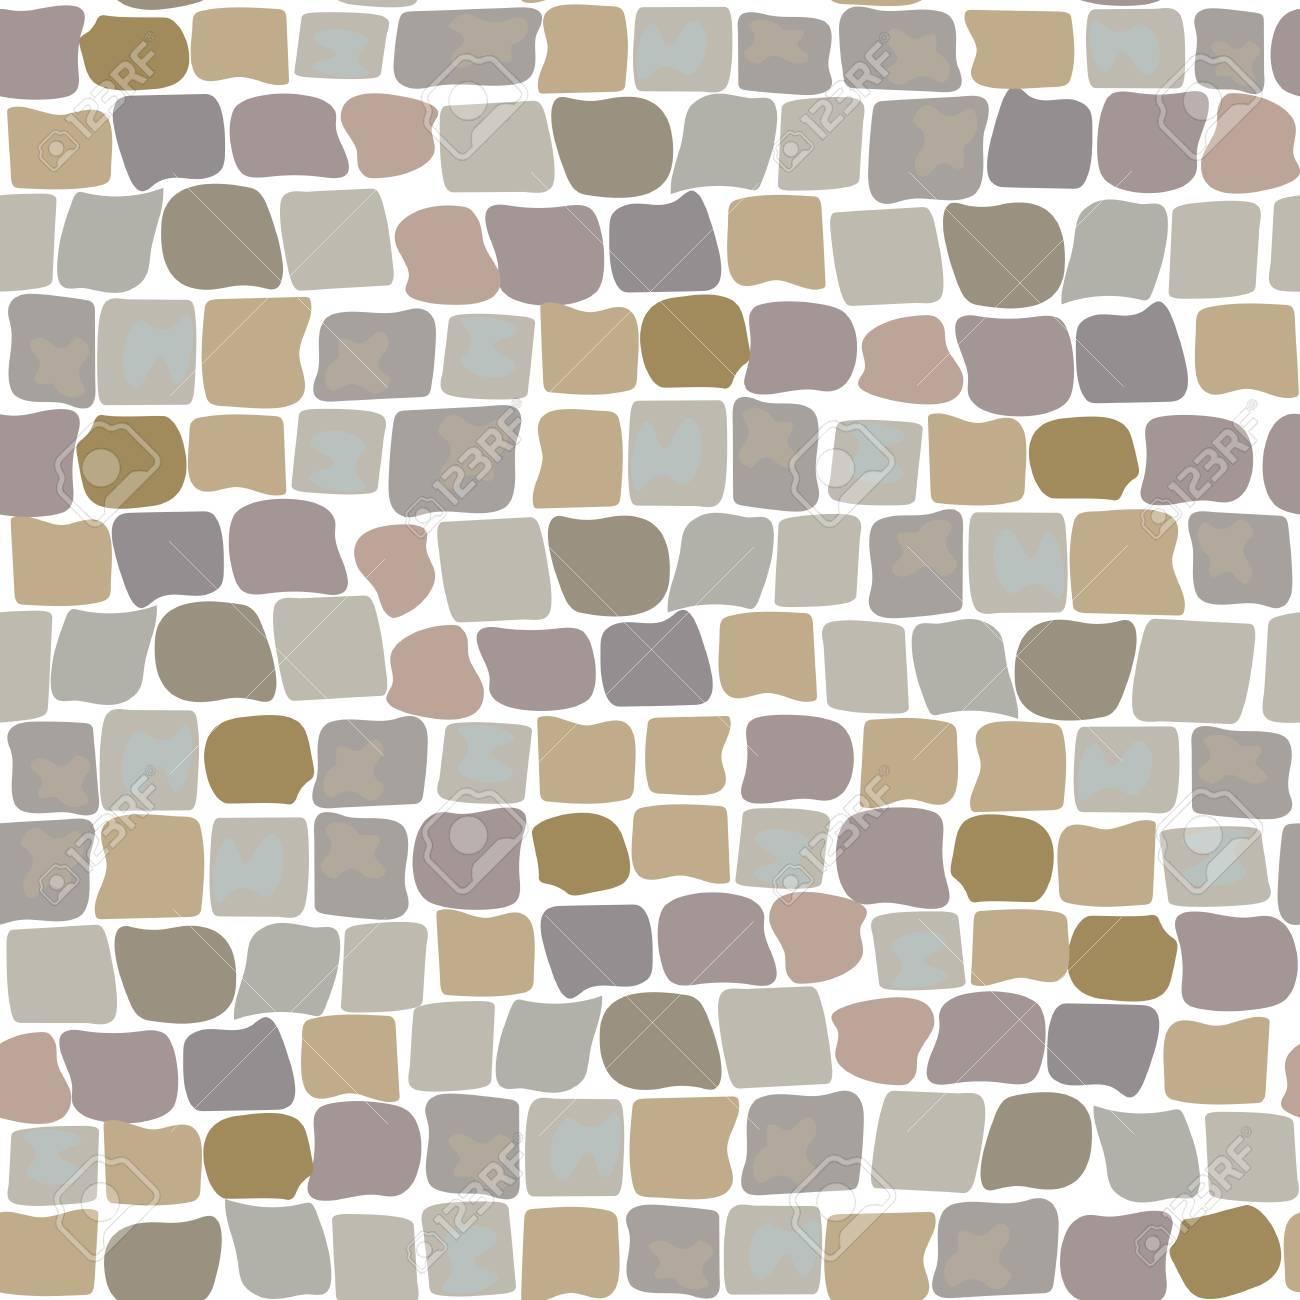 Texture de vecteur de pierre, motif sans soudure au sol de dessin animé  pour la conception de jeu, aménagement intérieur et extérieur de jardinage